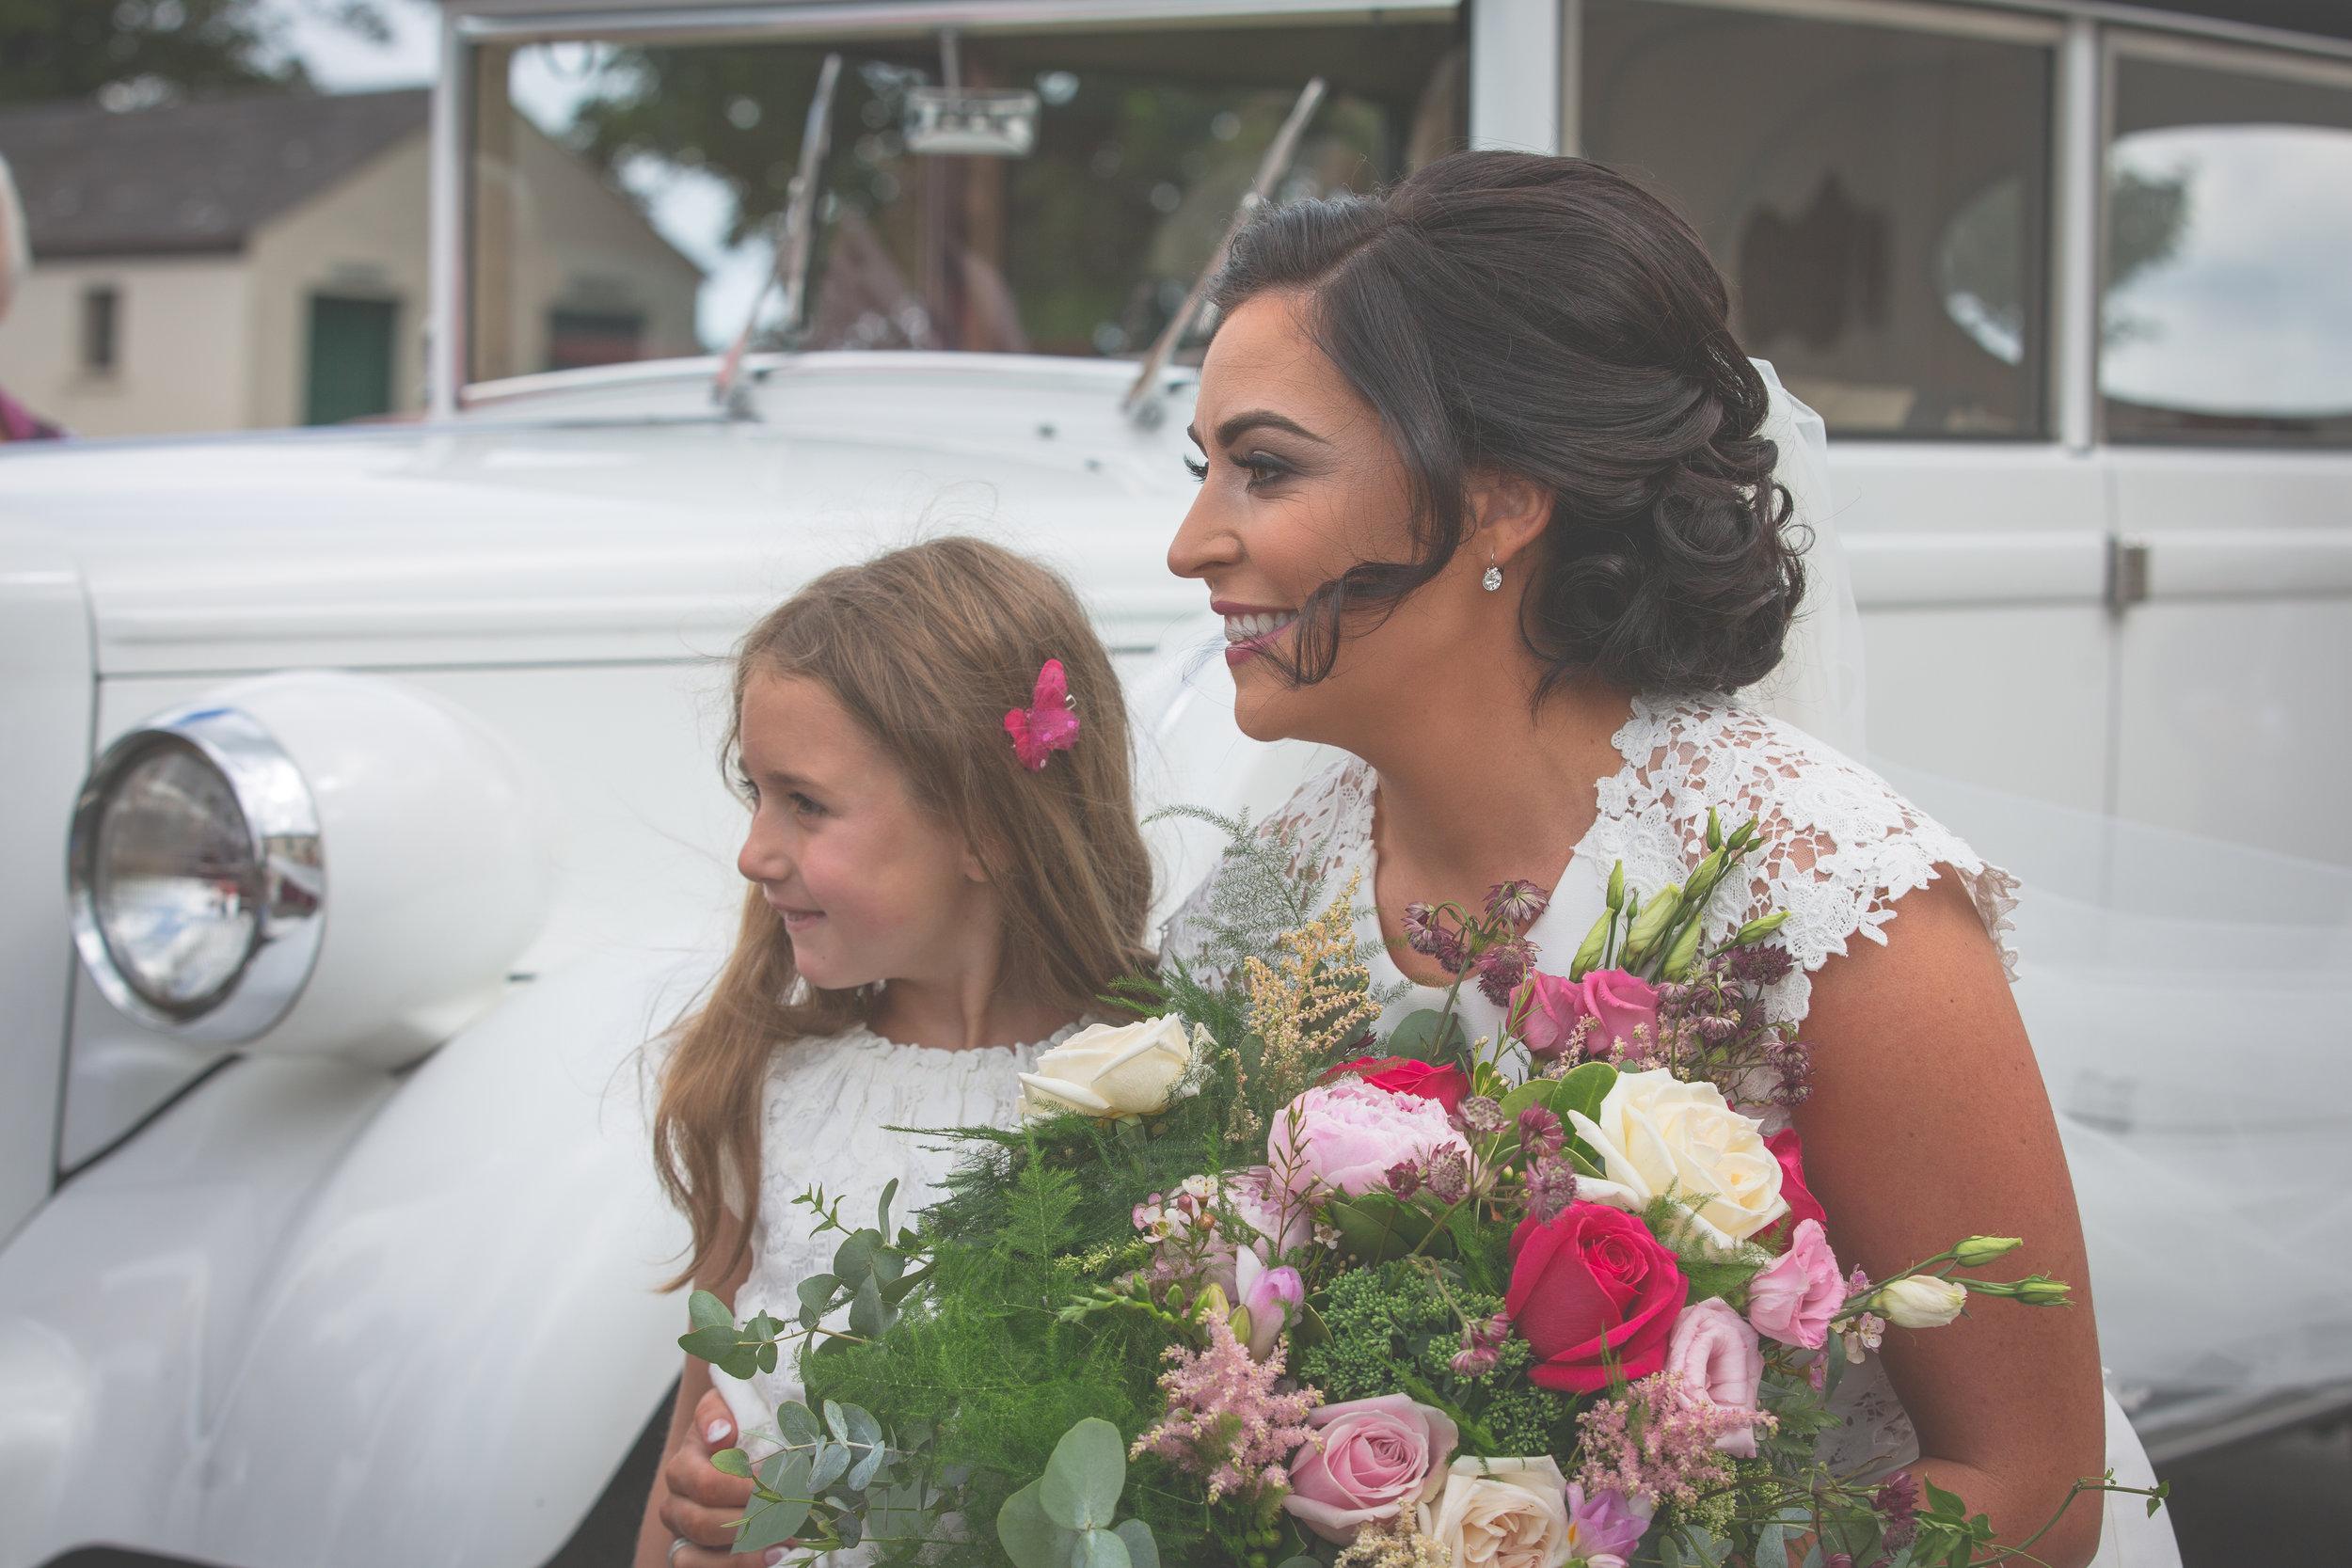 Brian McEwan Wedding Photography   Carol-Anne & Sean   The Ceremony-6.jpg